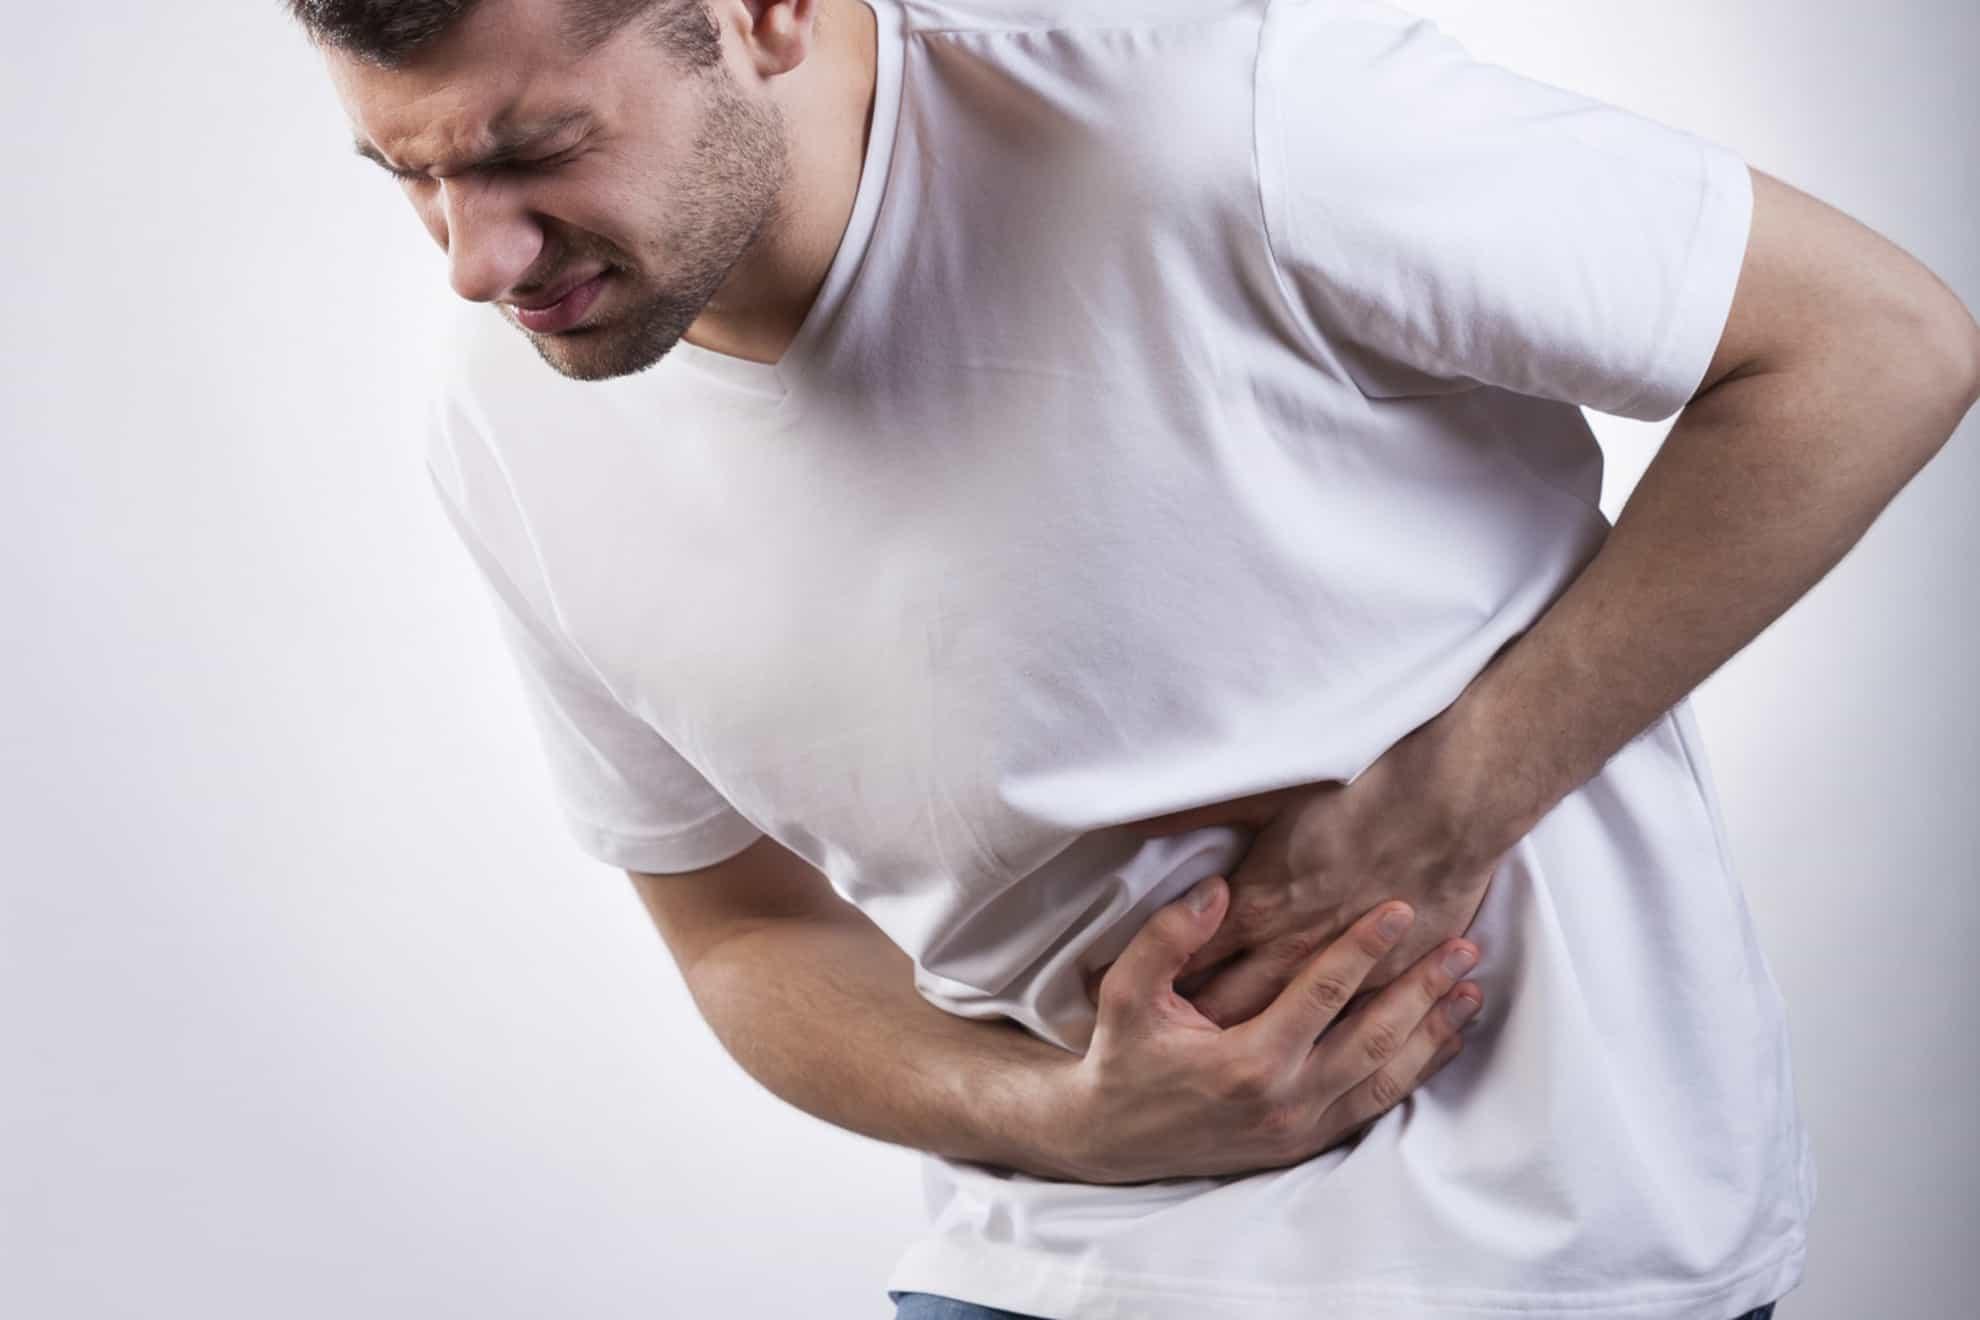 dolor en el cáncer de próstata en el lado izquierdo